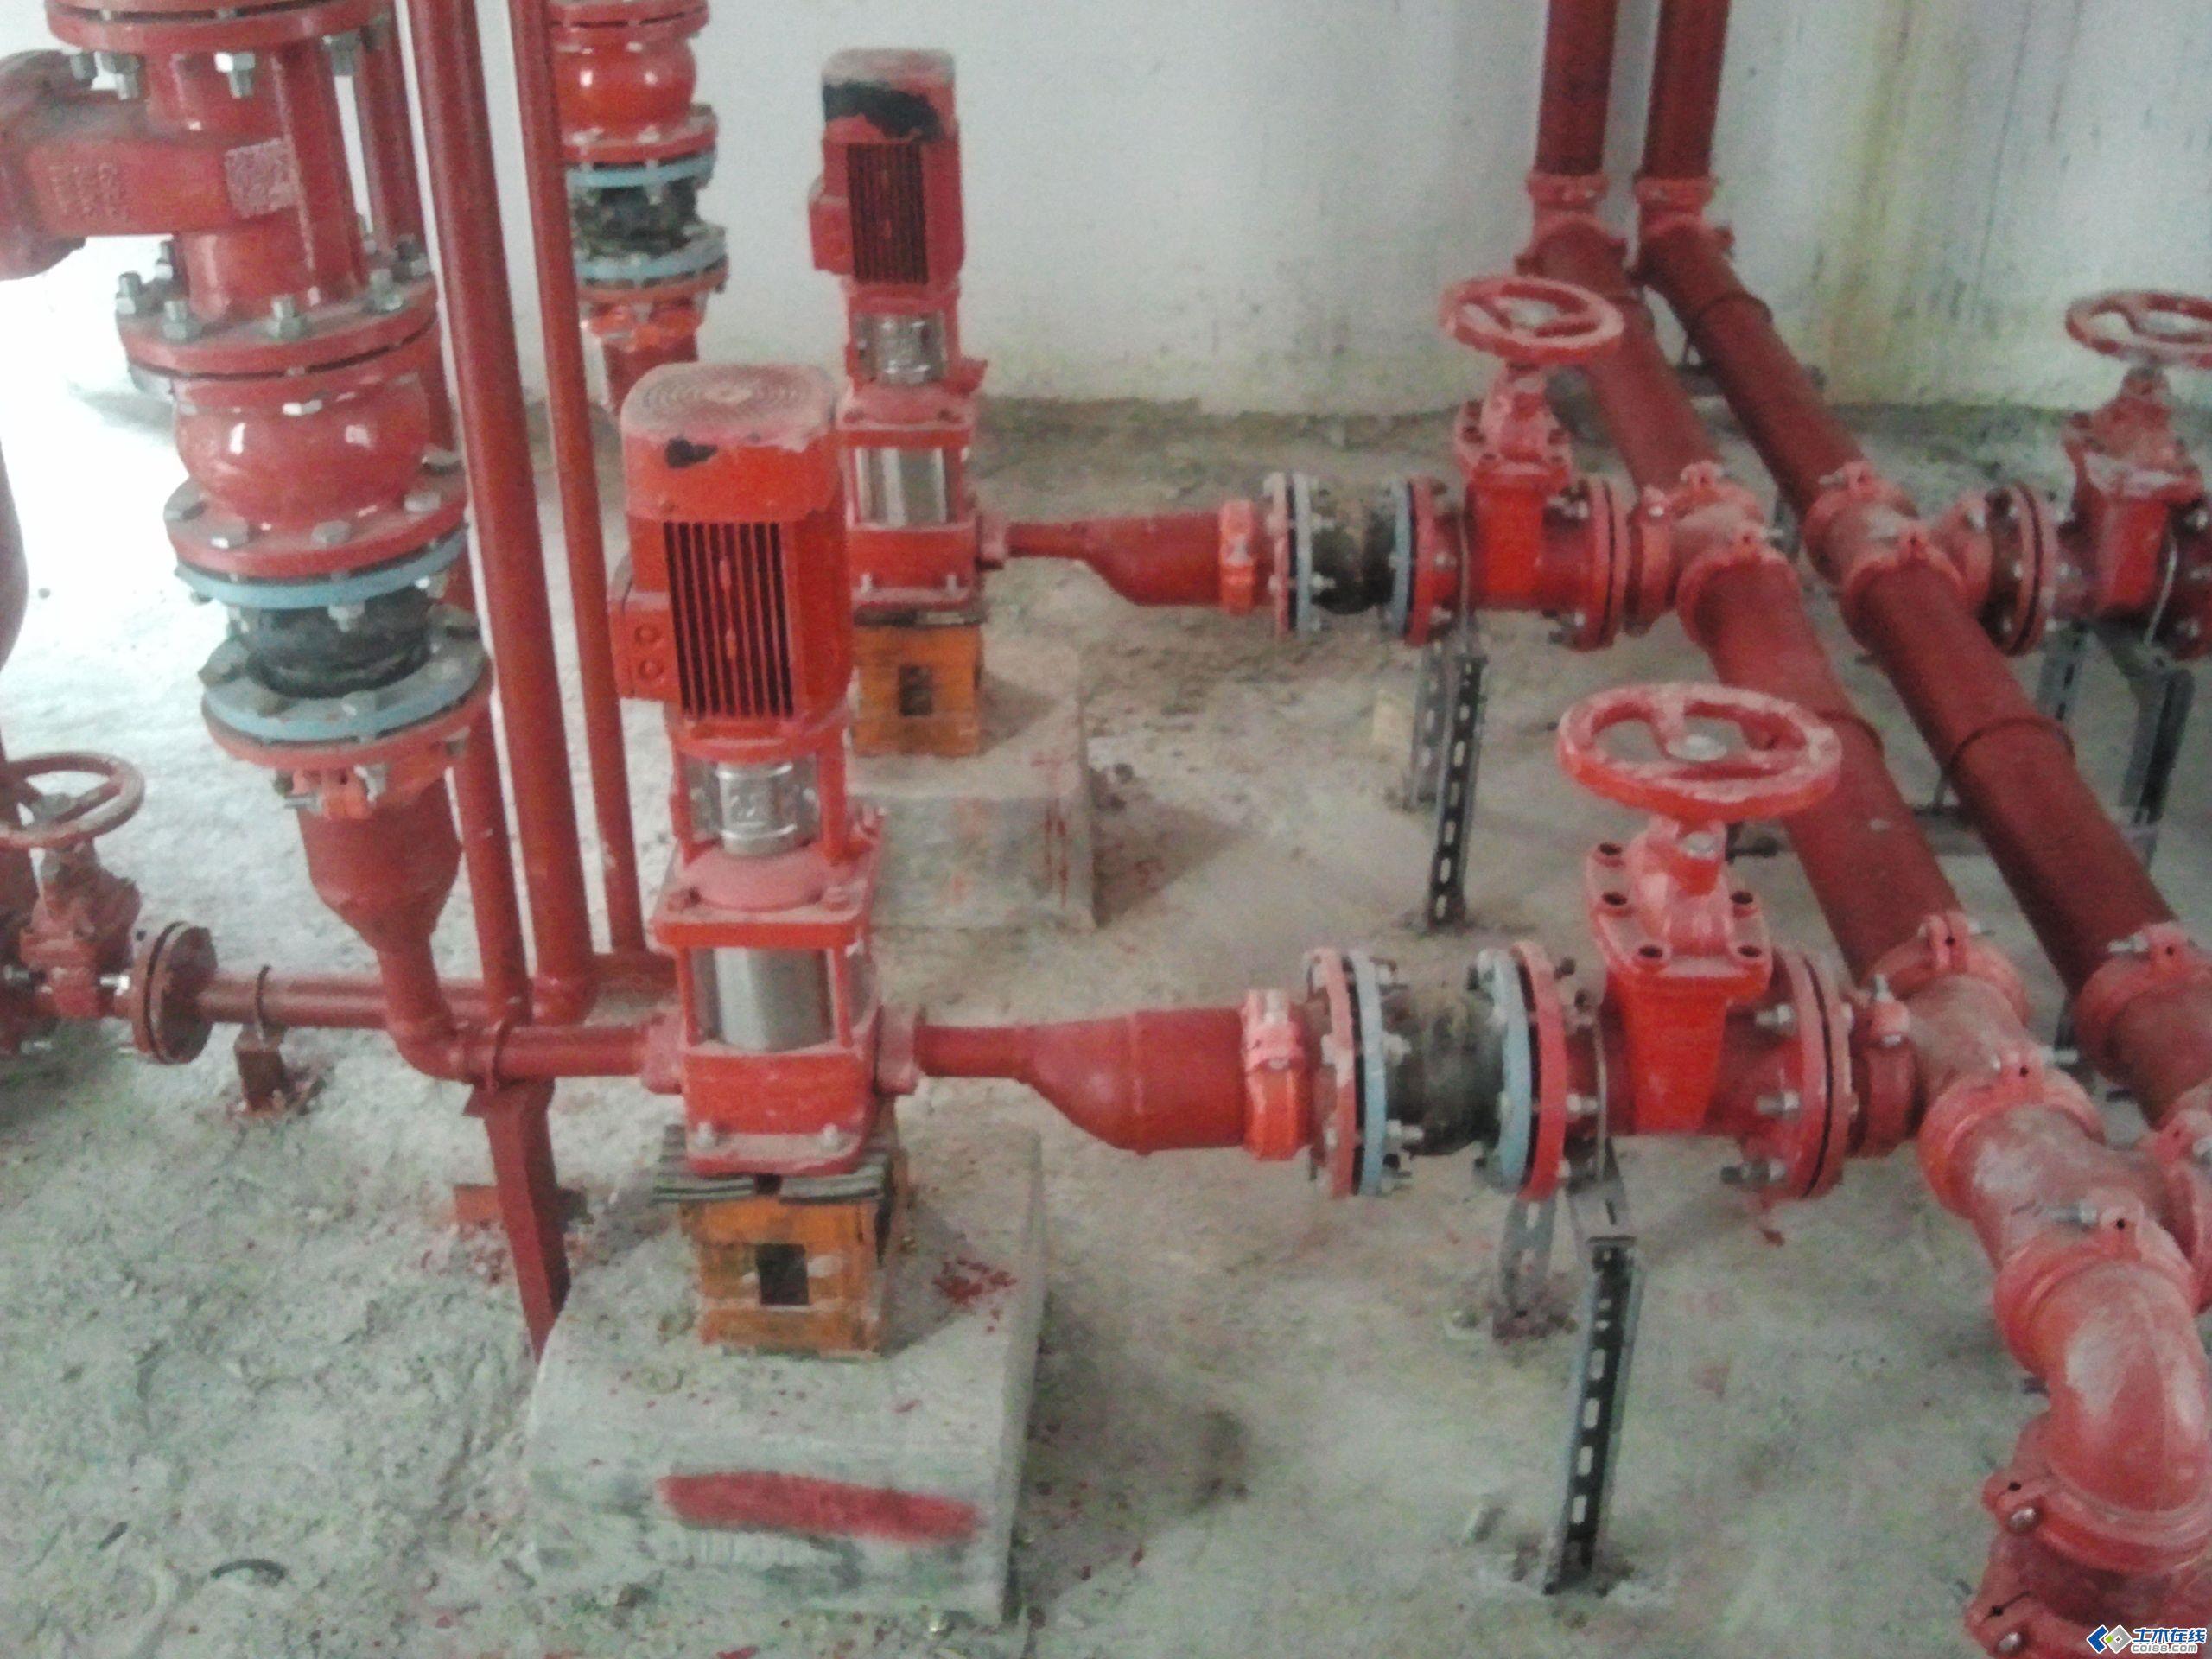 图片--屋顶消防稳压泵房施工安装图片http://bbsfile.co188.